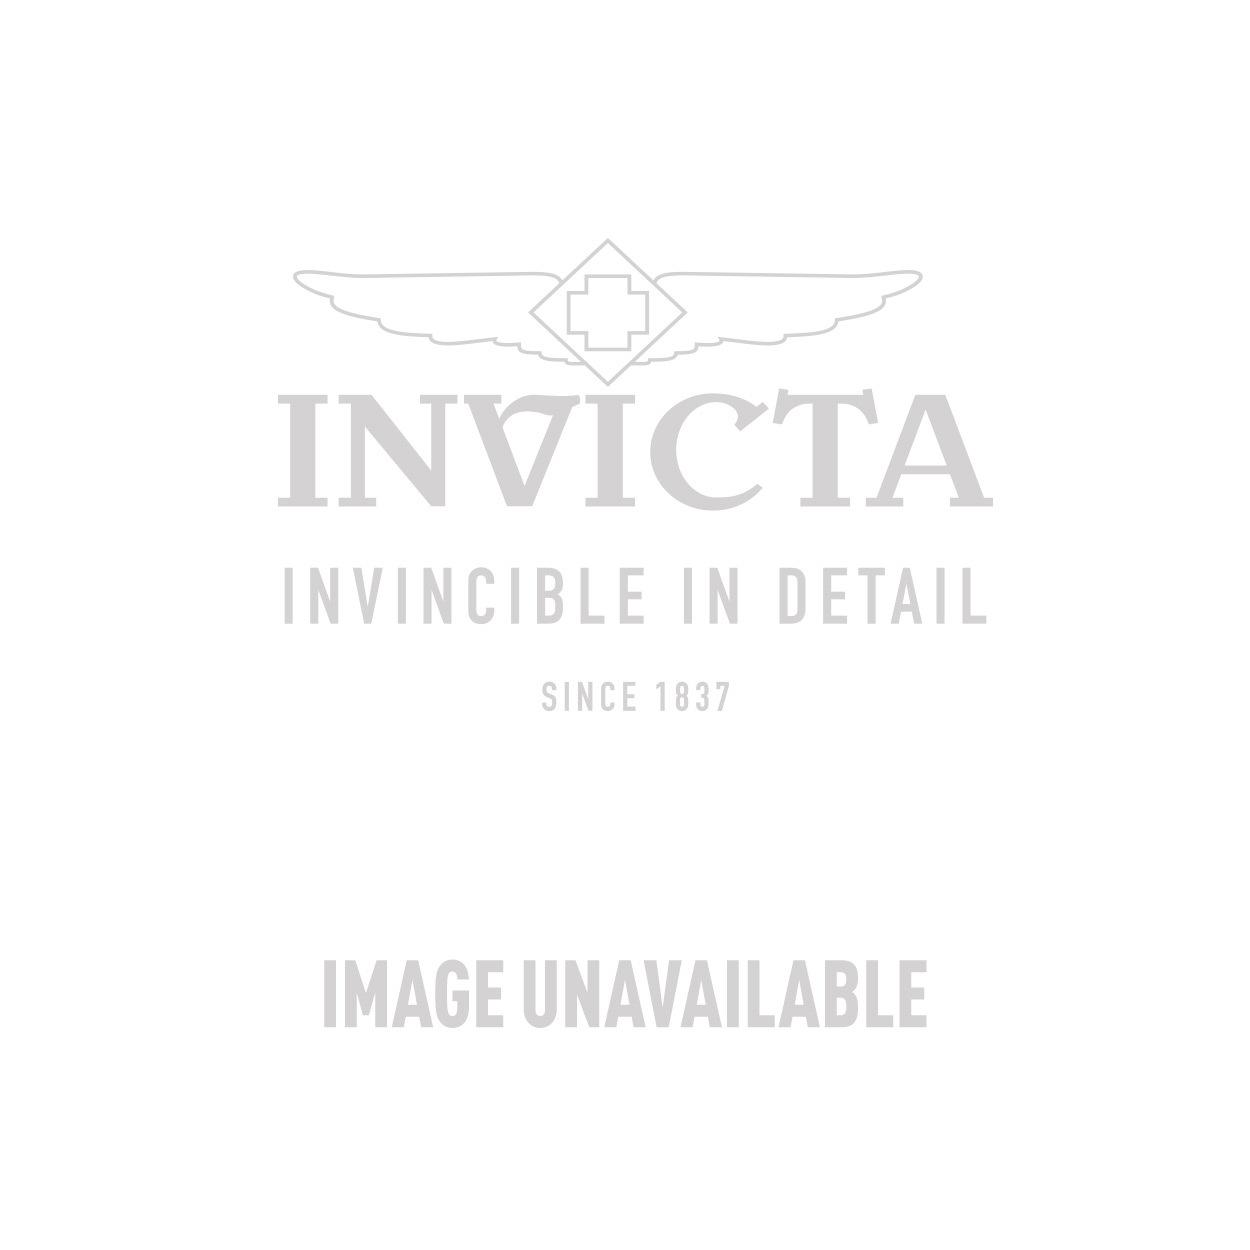 Invicta Model 27668